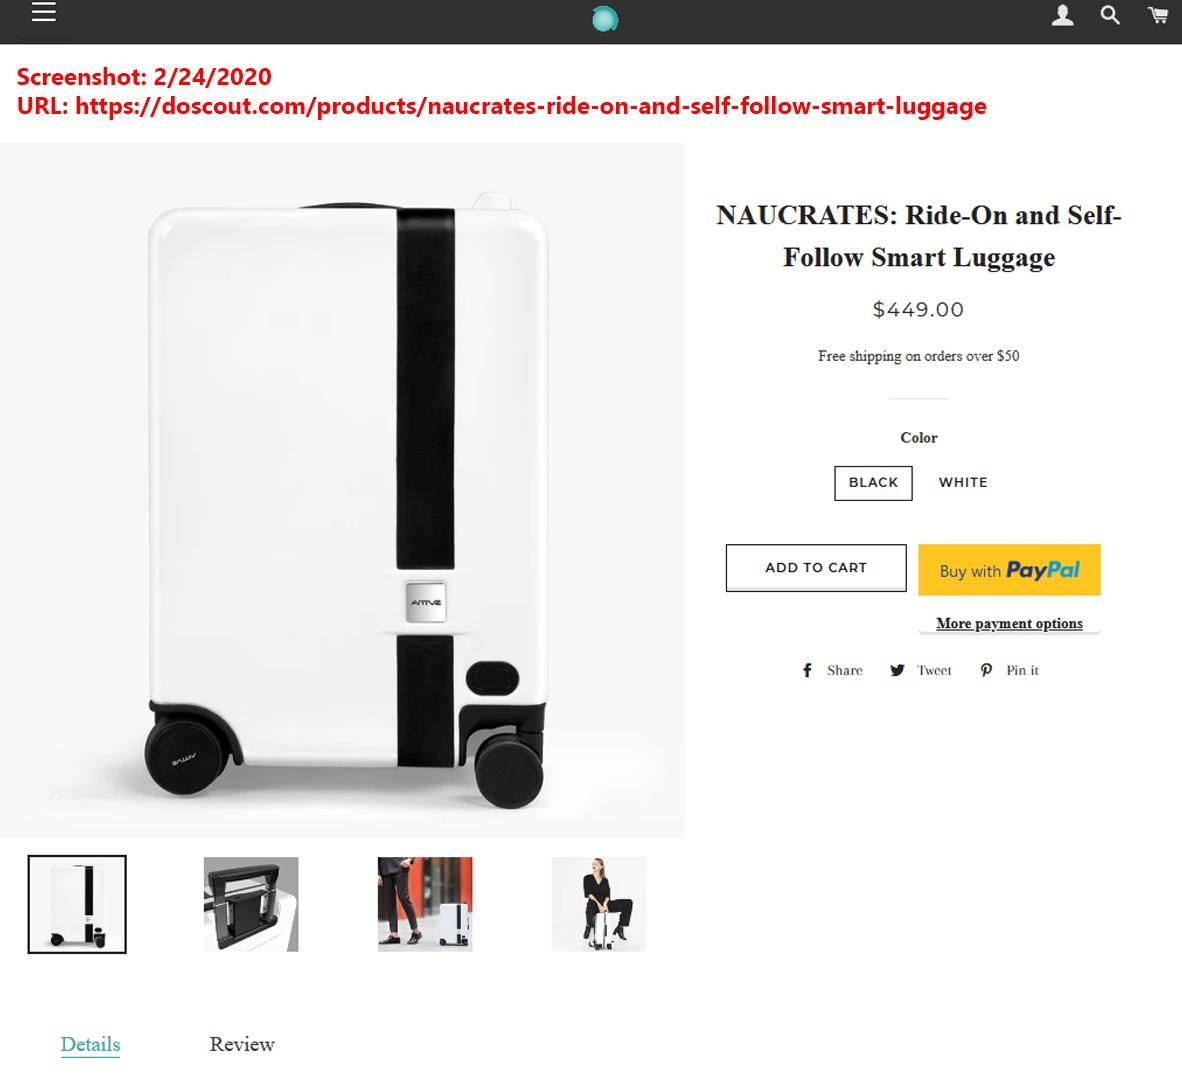 naucrates doscout.com screenshot scam